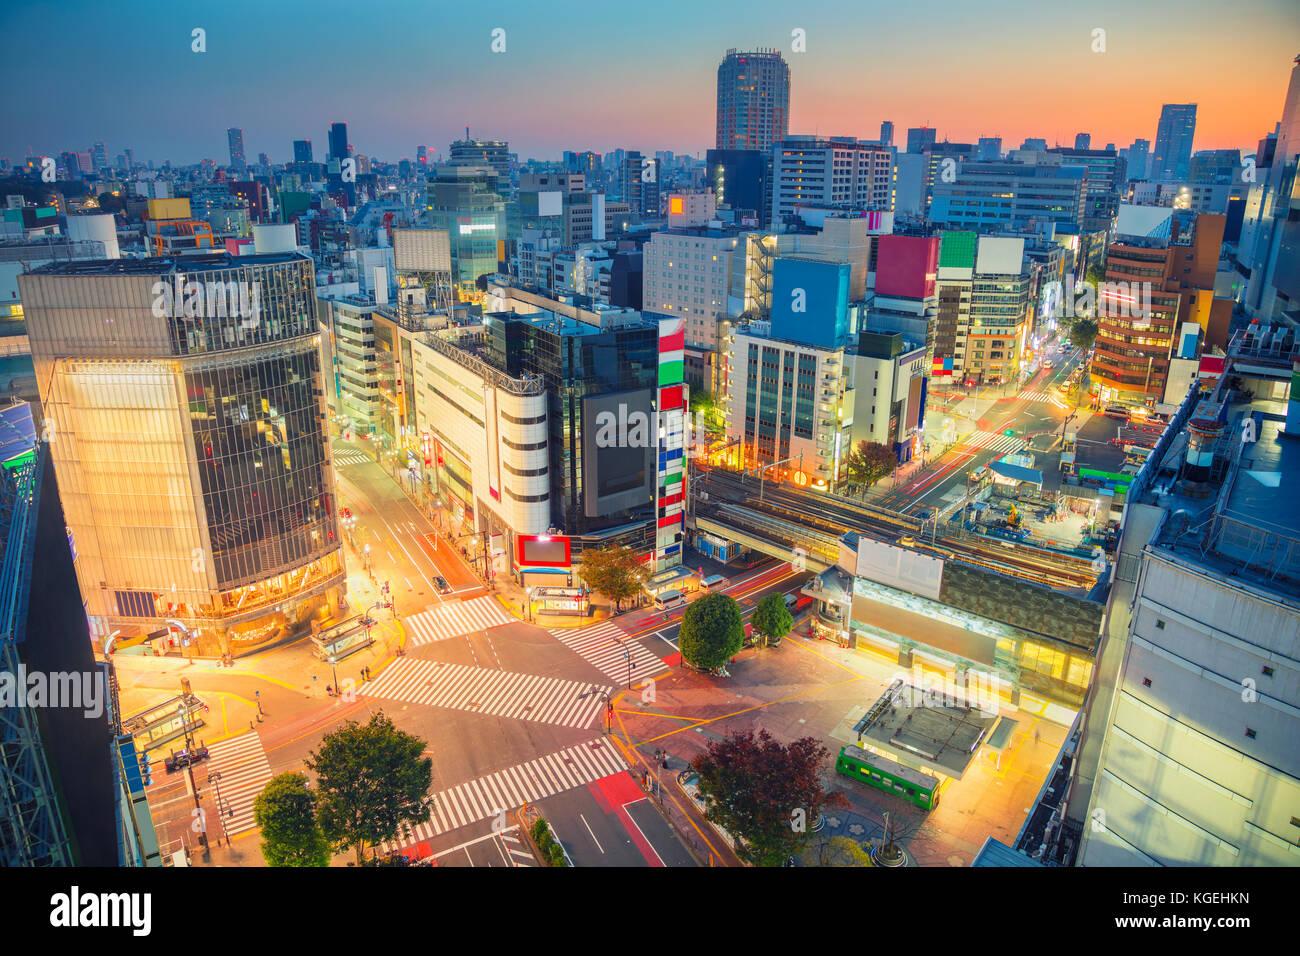 Tokyo. cityscape immagine di attraversamento di Shibuya di Tokyo, Giappone durante il sunrise. Immagini Stock